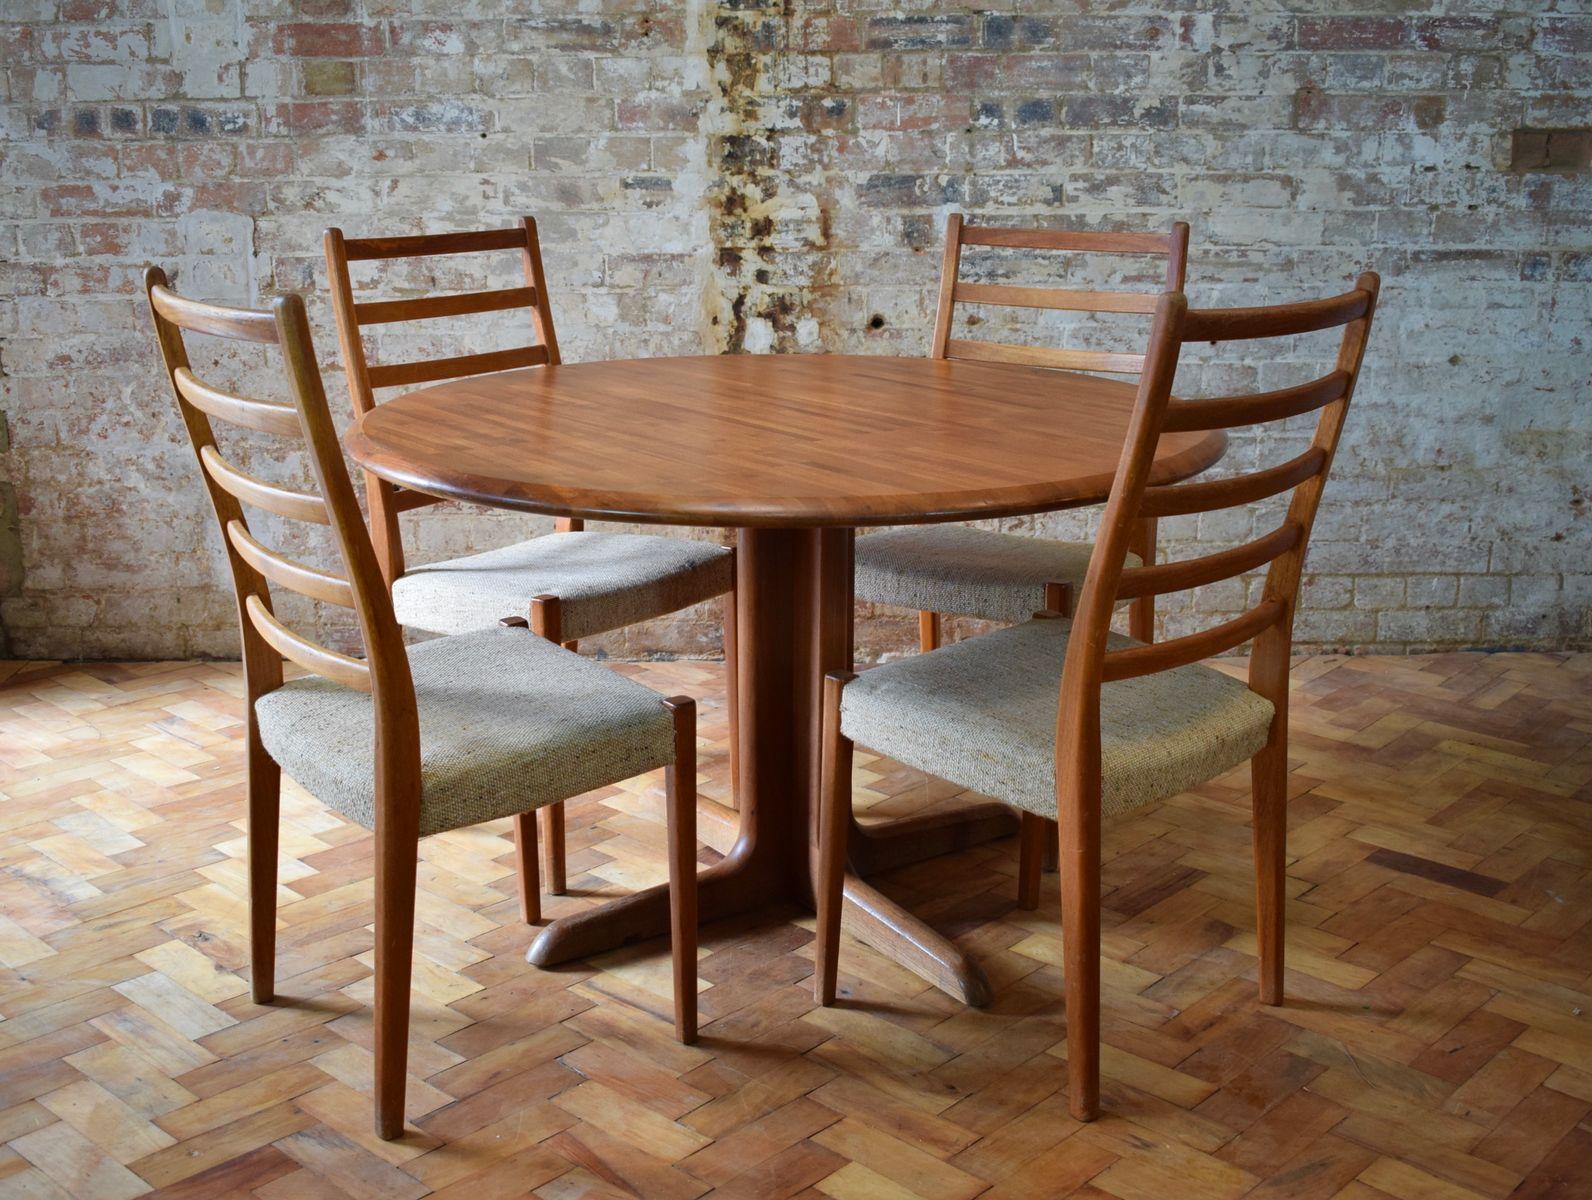 Vintage Esstisch mit 4 Stühlen von Svegards Markaryd